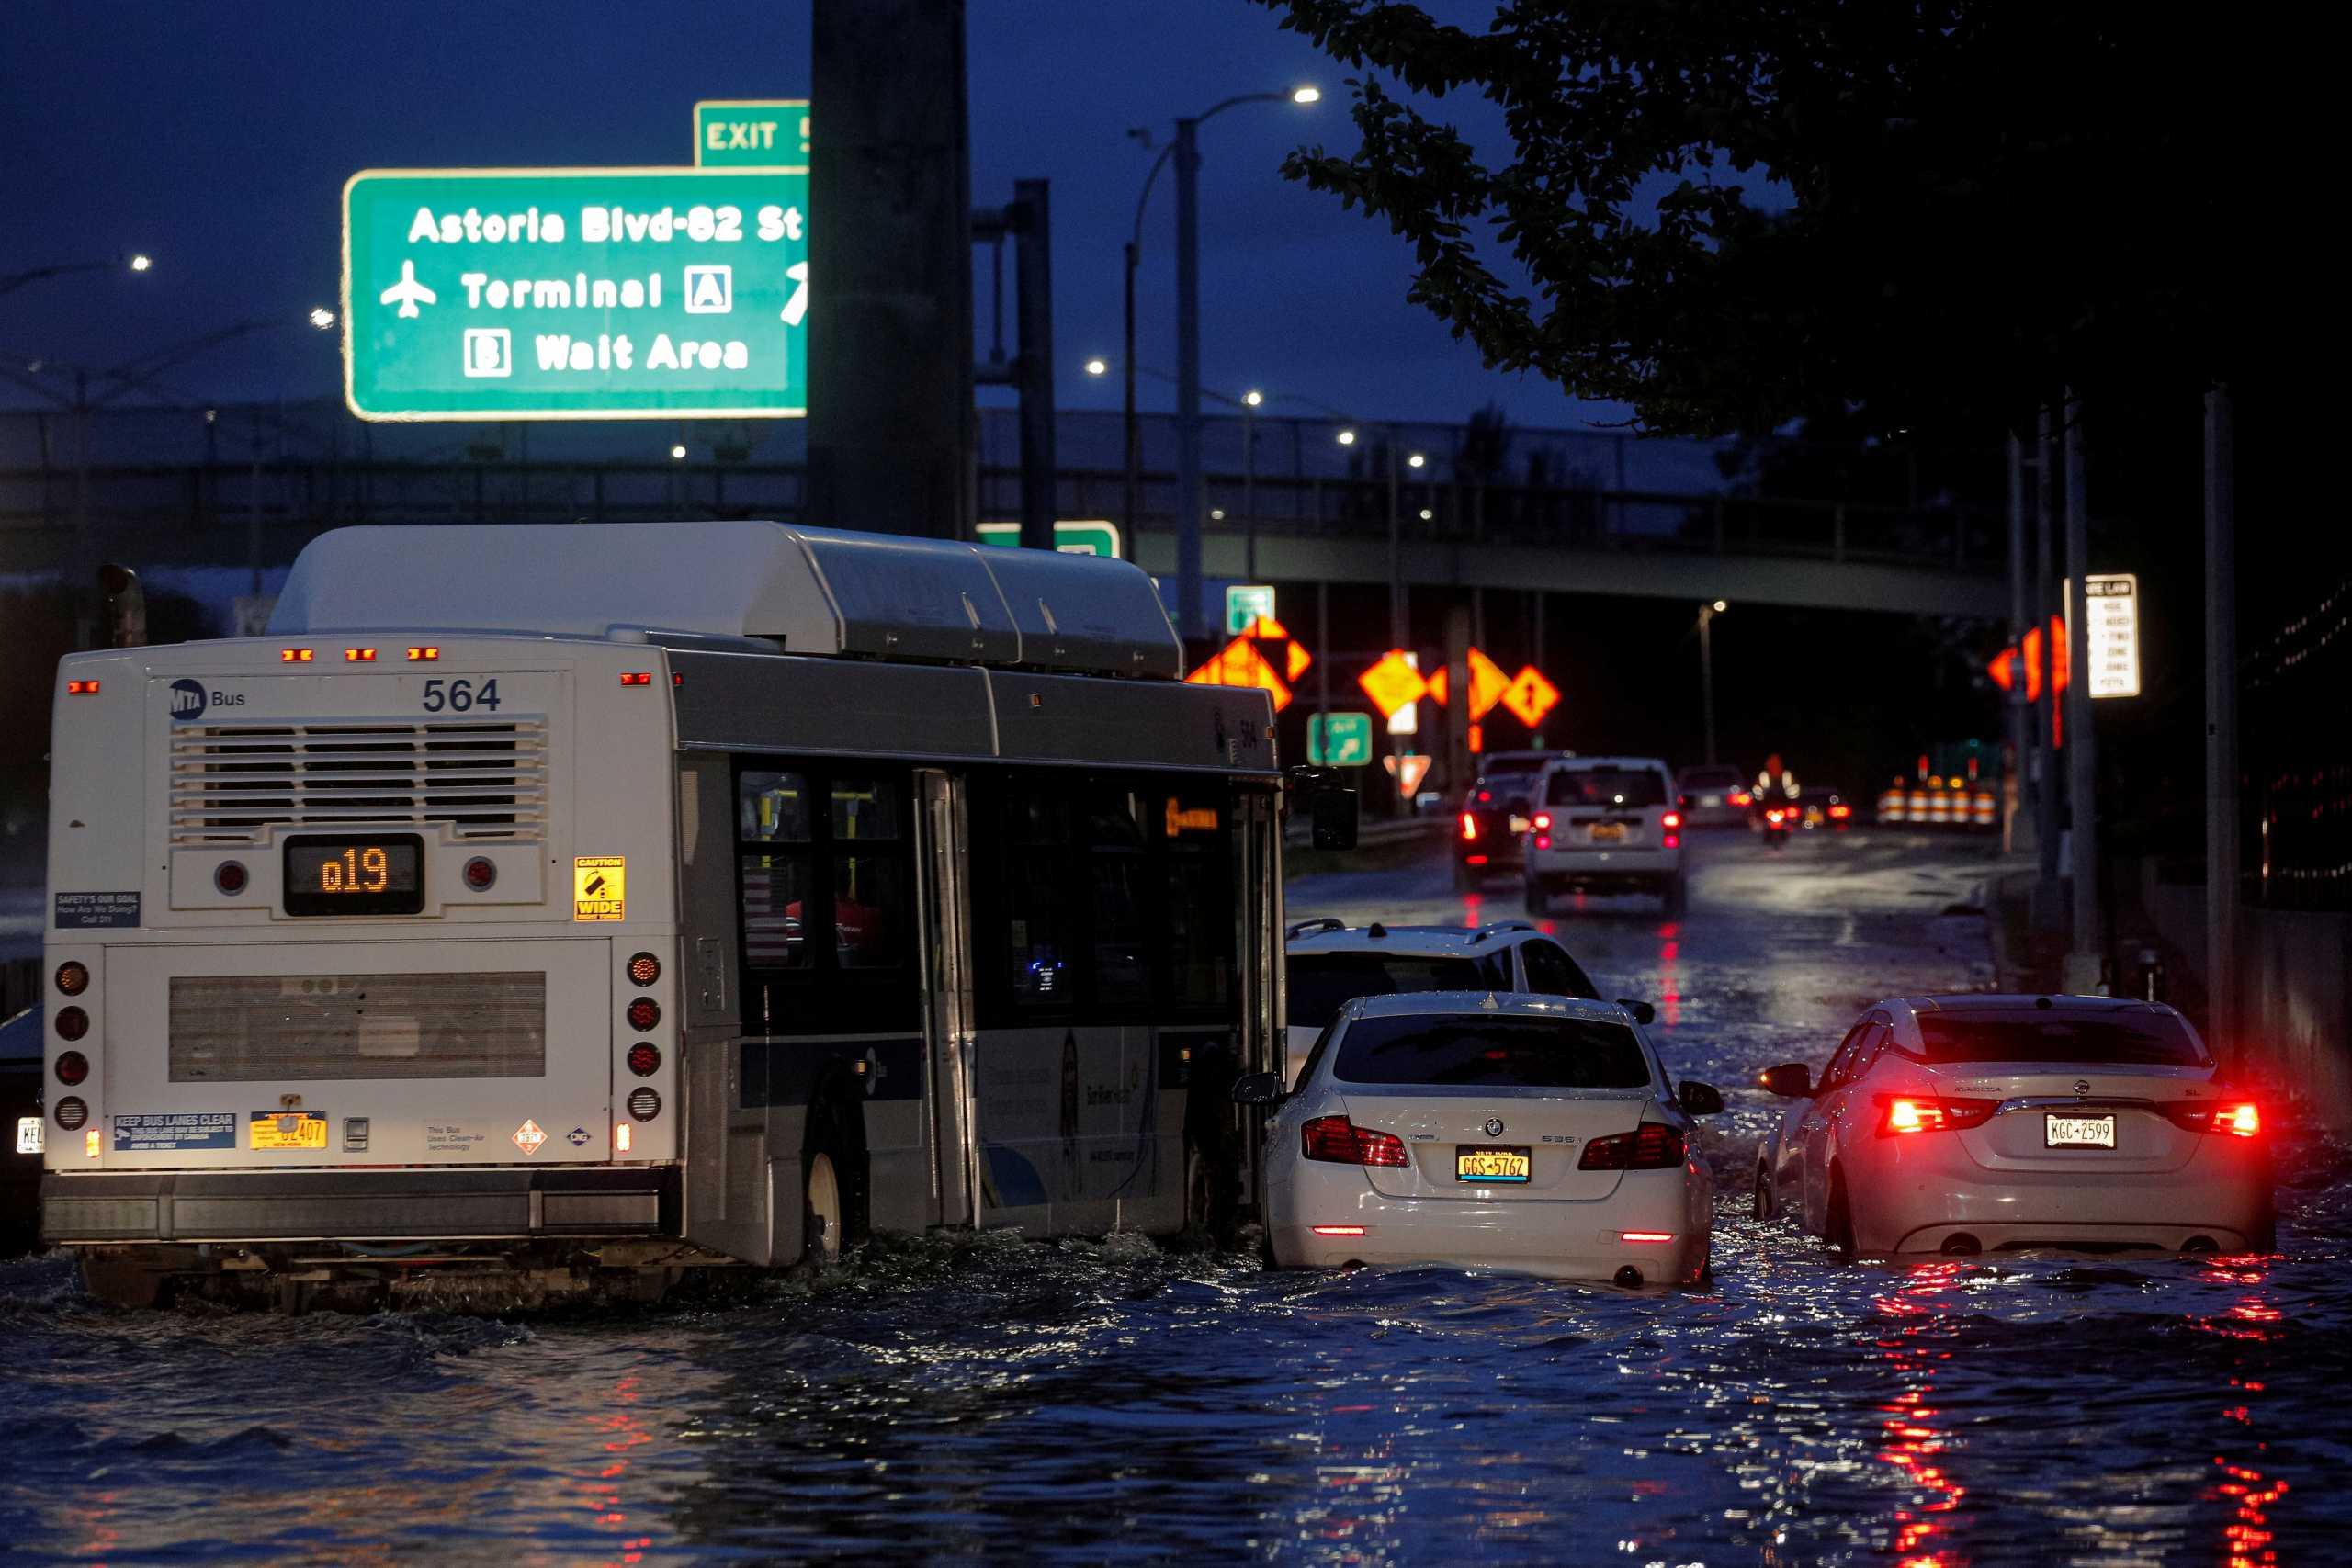 Η καταιγίδα Άιντα «πνίγει» τις ΗΠΑ – Πάνω από 40 οι νεκροί – Χάος στη Νέα Υόρκη